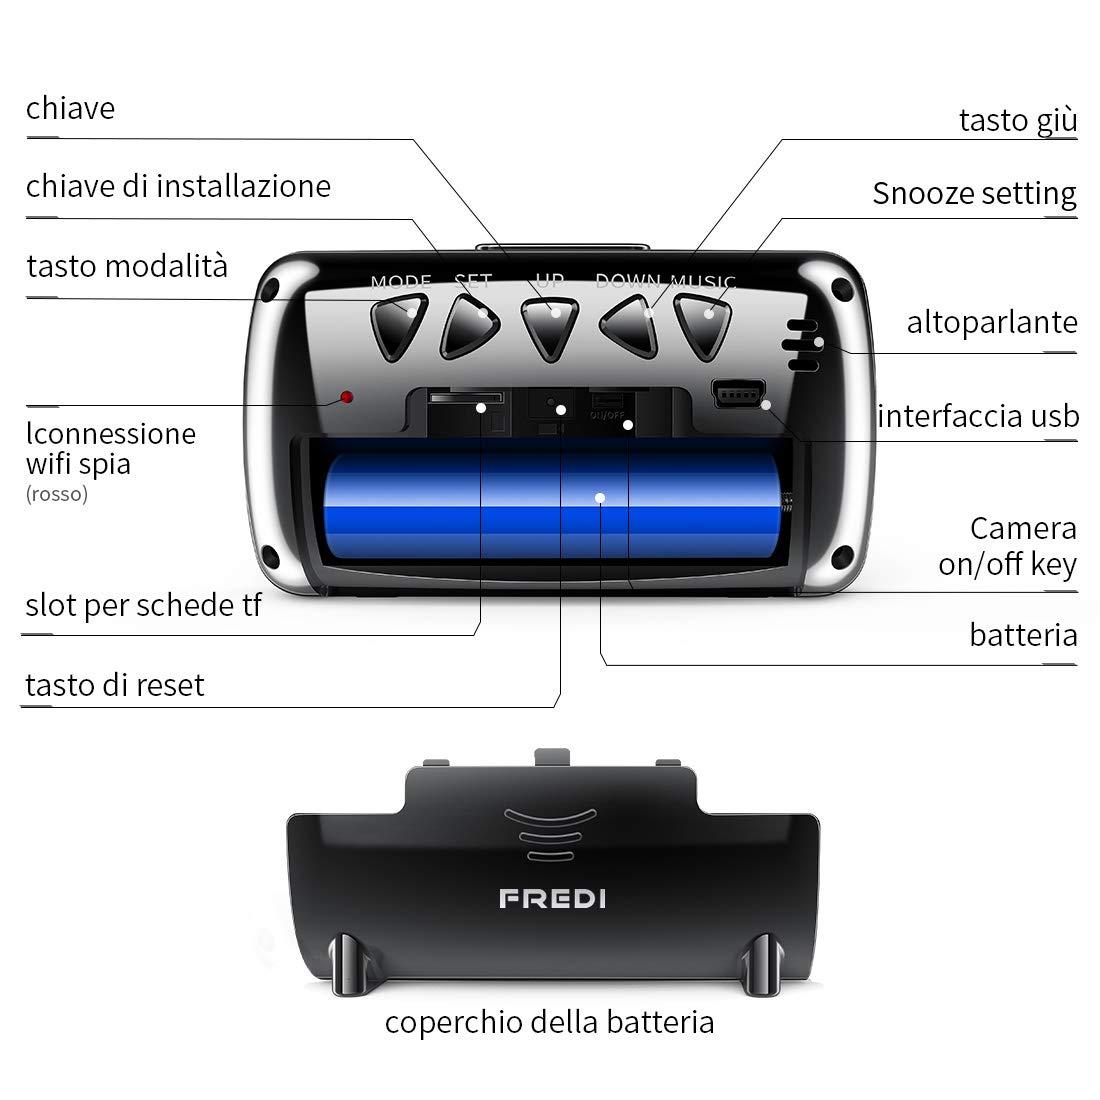 Fredi 1080P Wifi Cámara Espía orologio-sveglia HD cámara oculta Mini microcamere cámara de vigilancia cámara de seguridad inalámbrica con visión ...